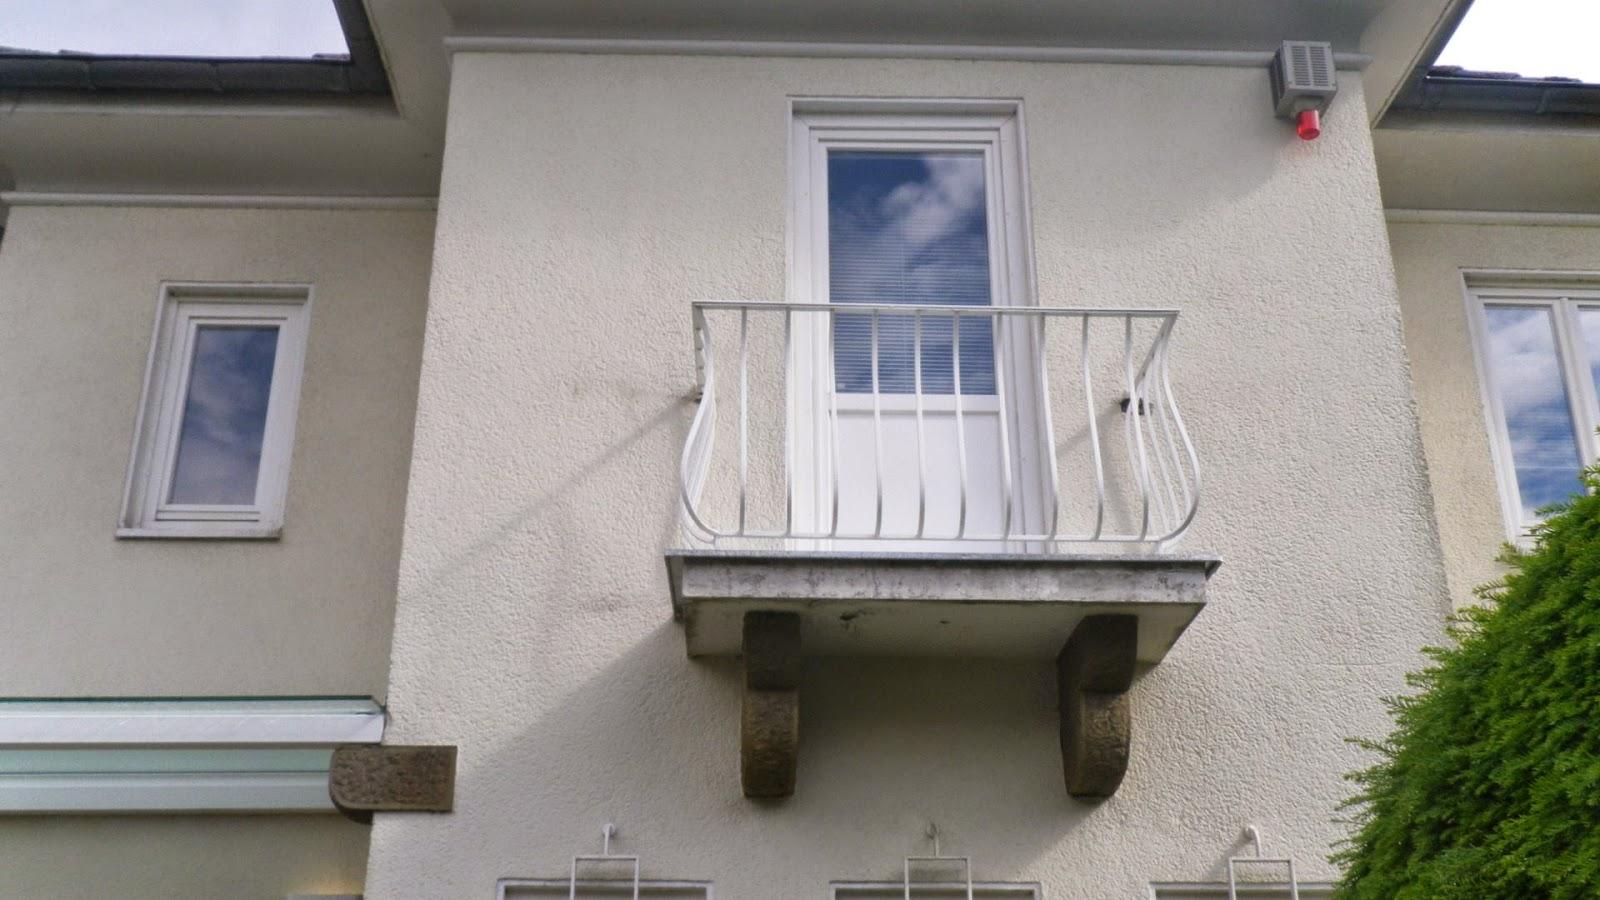 Uberdachung Hauseingang Kellertreppe Gartentur